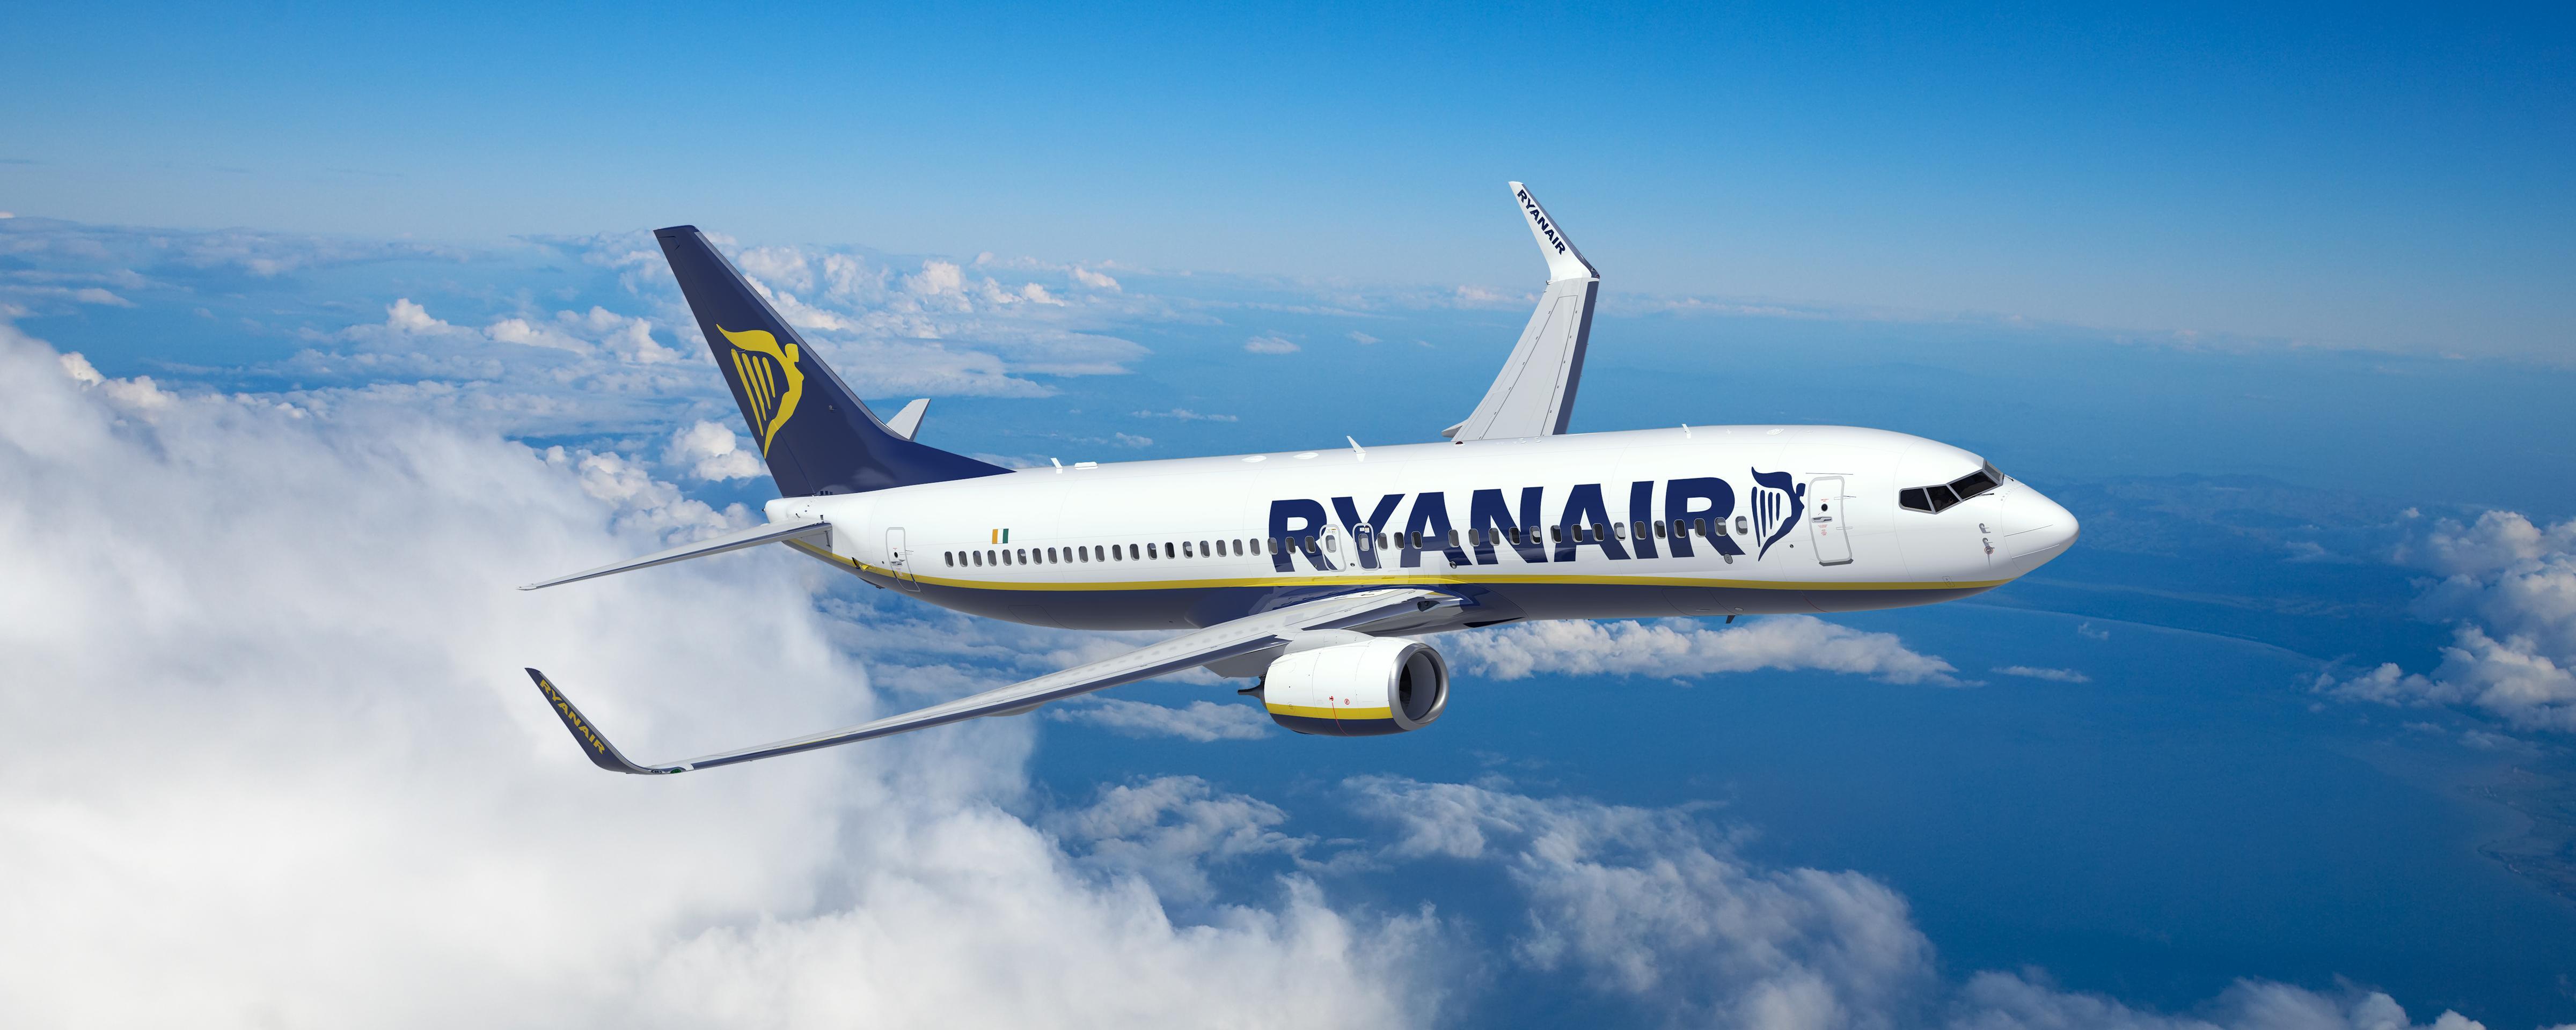 ryanair-flying